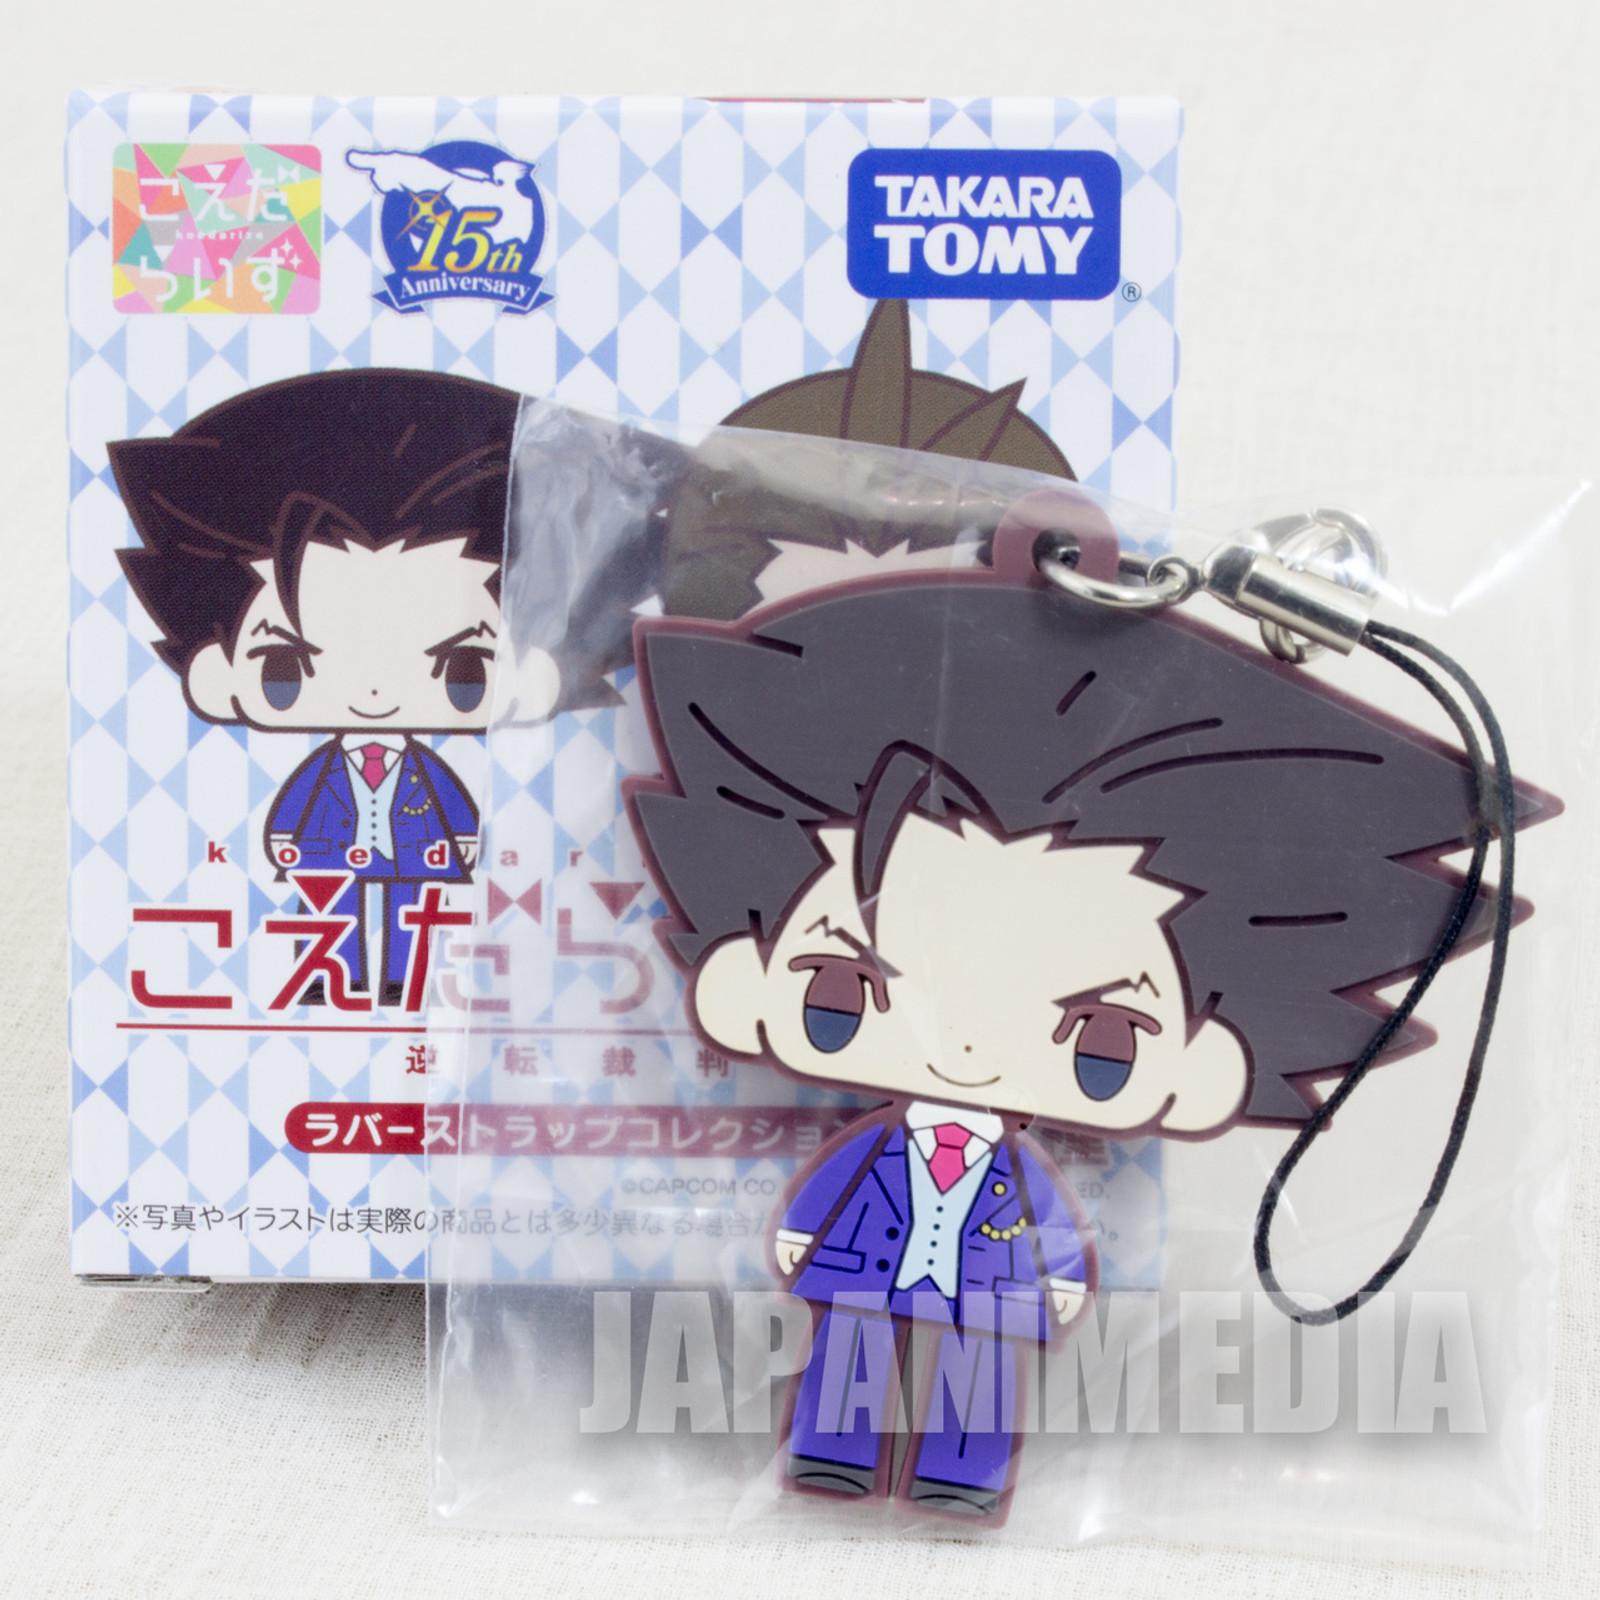 Ace Attorney Gyakuten Saiban Ryuichi Naruhodou Rubber Mascot Strap